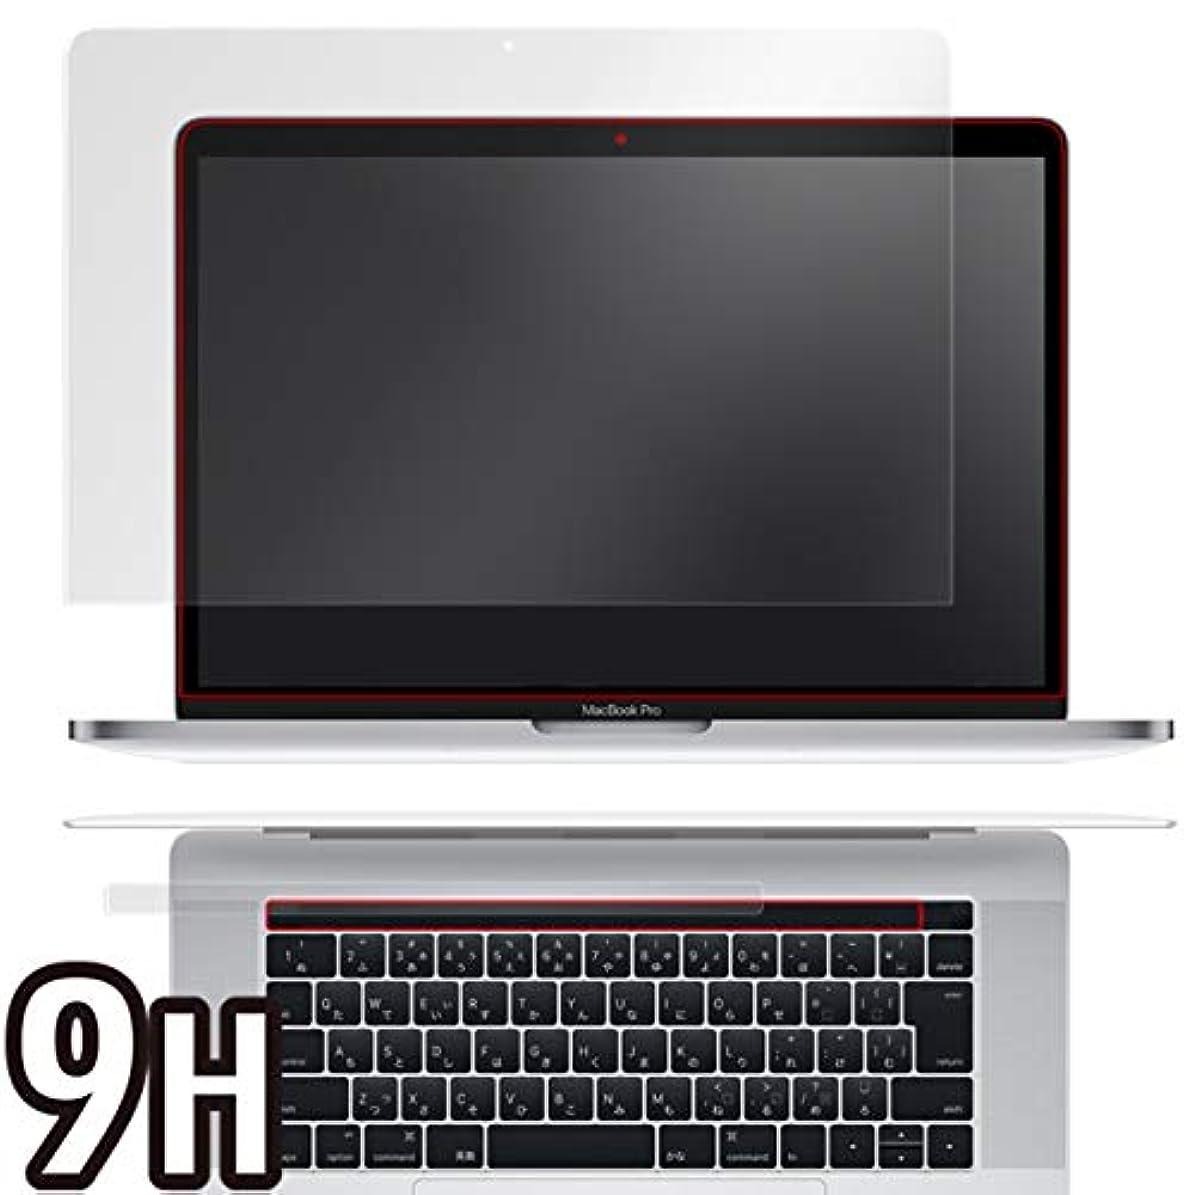 周り胚改善PET製フィルム 強化ガラス同等の硬度 高硬度9H素材採用 MacBook Pro 15インチ (2019/2018/2017/2016) Touch Barシートつき 用 日本製 光沢液晶保護フィルム OverLay Brilliant 9H O9HBMBP15L2016TB/1